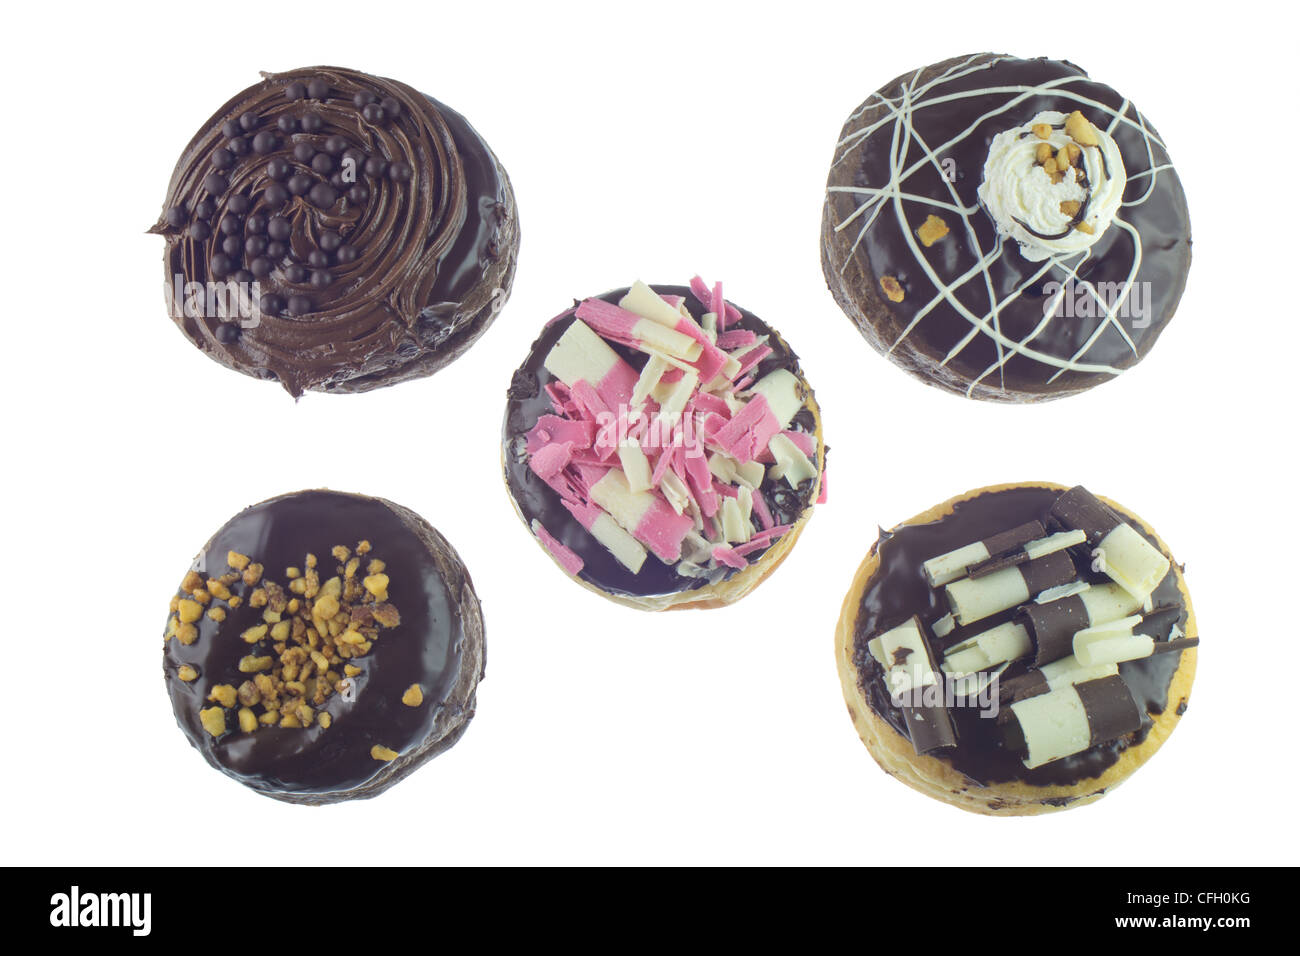 Donut variation isolated on white background. - Stock Image